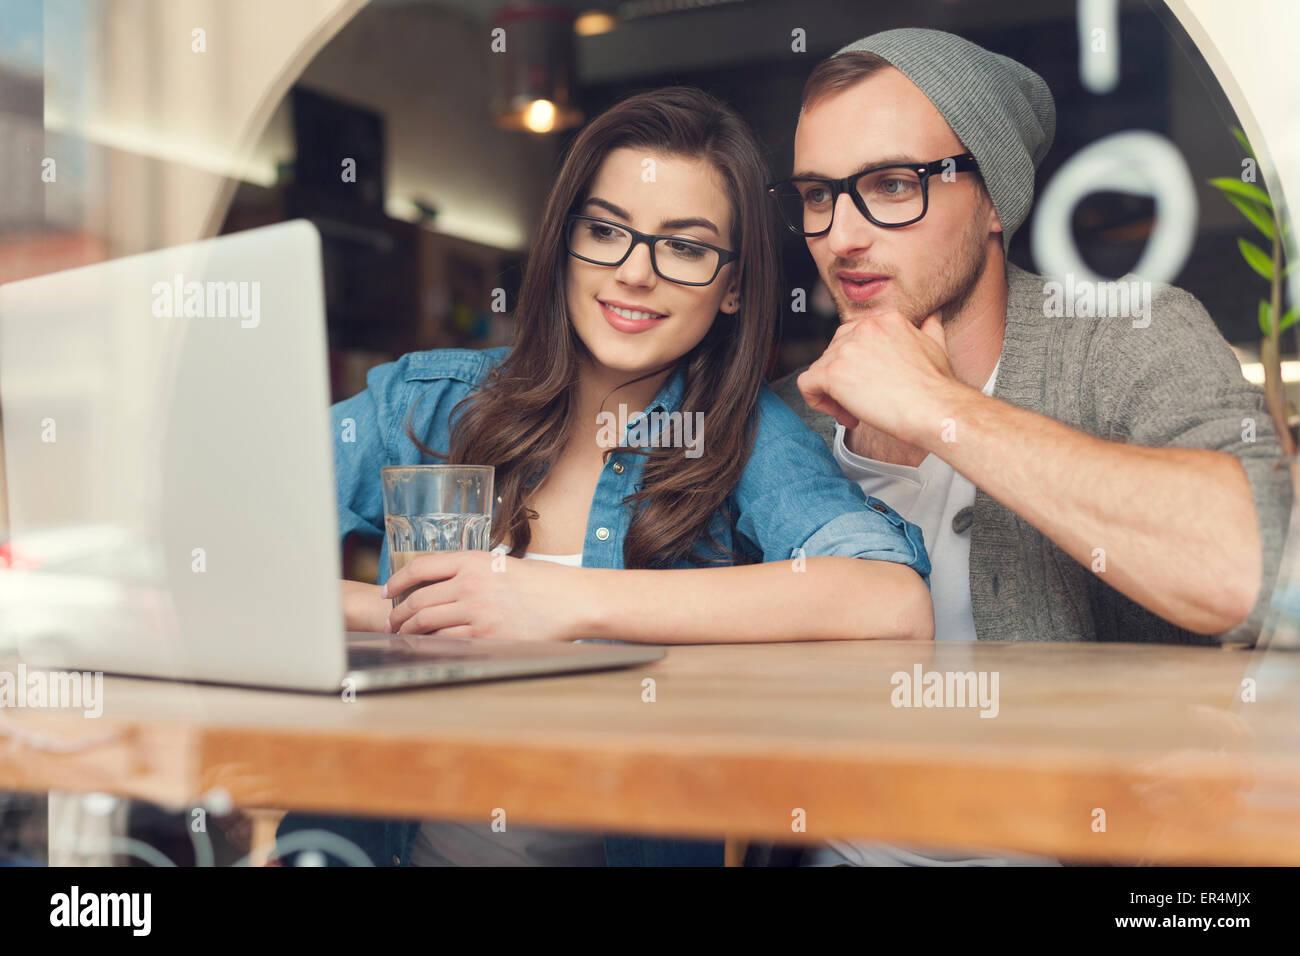 Giovane godendo la connessione internet wireless presso il cafe. Cracovia in Polonia Immagini Stock